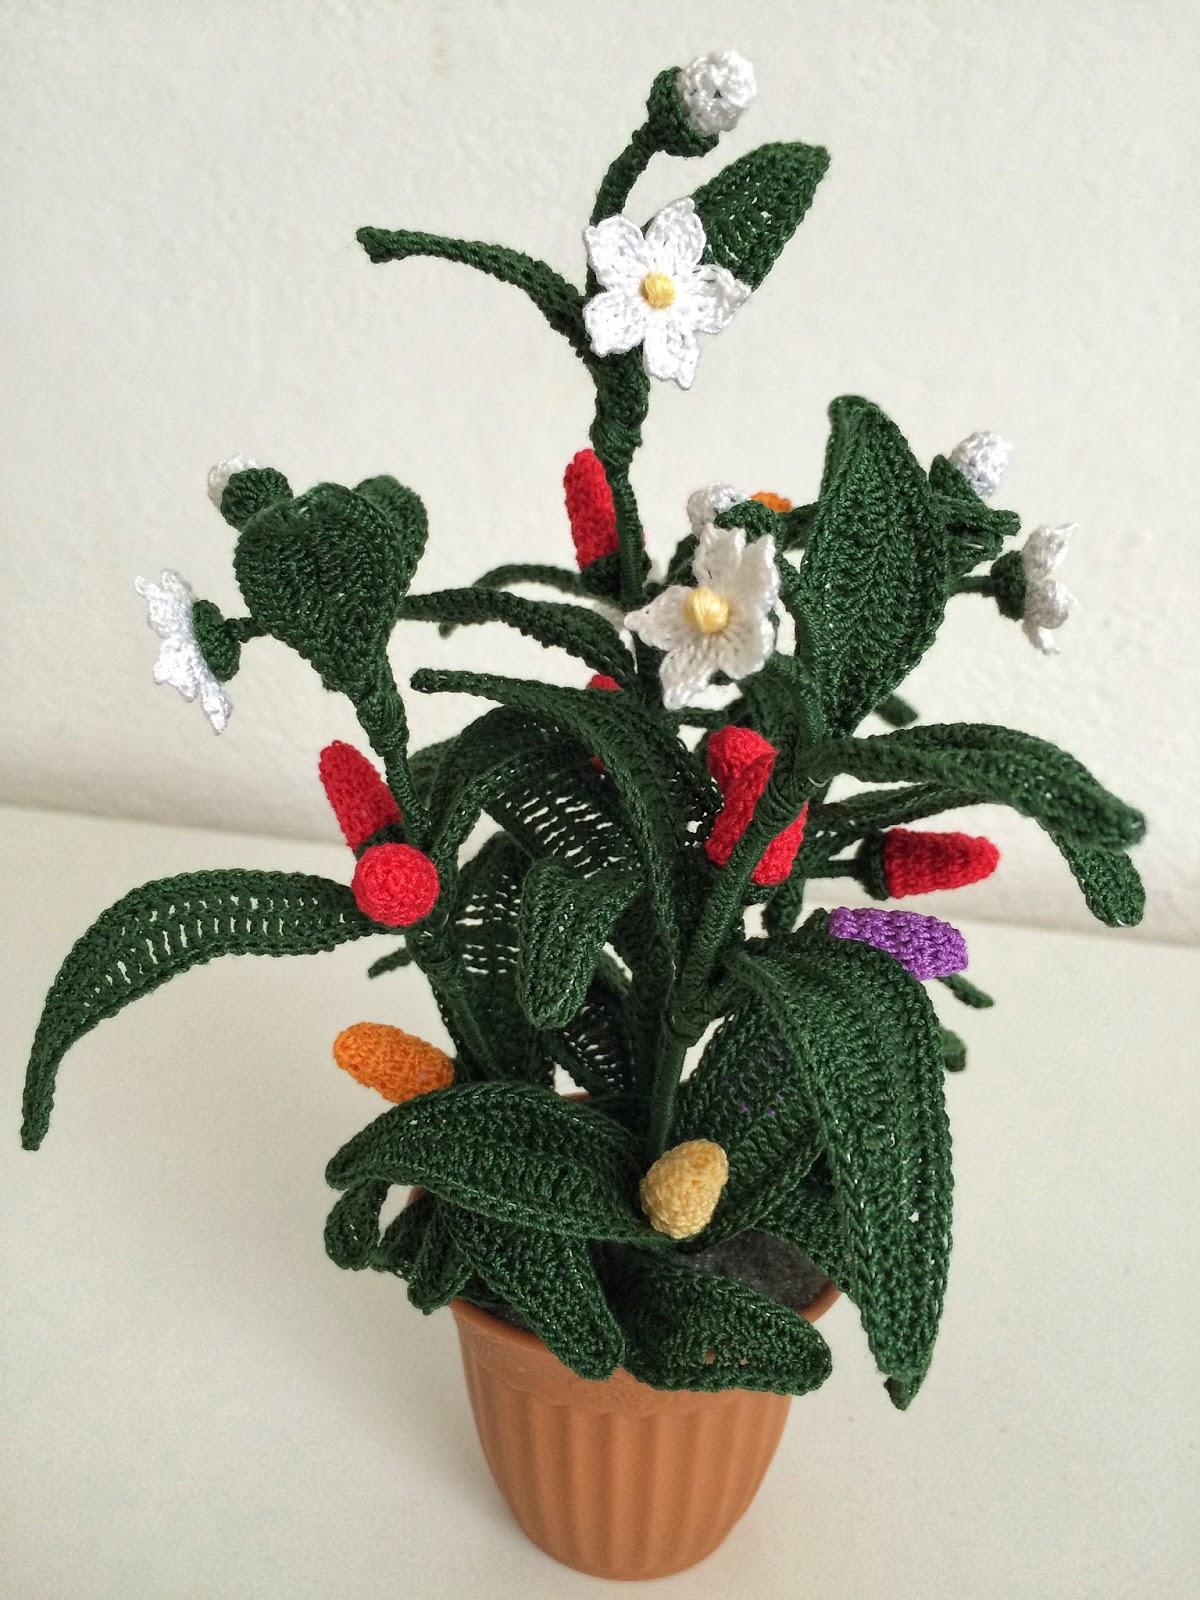 Il Blog Di Sam How To Crochet A Chili Pepper